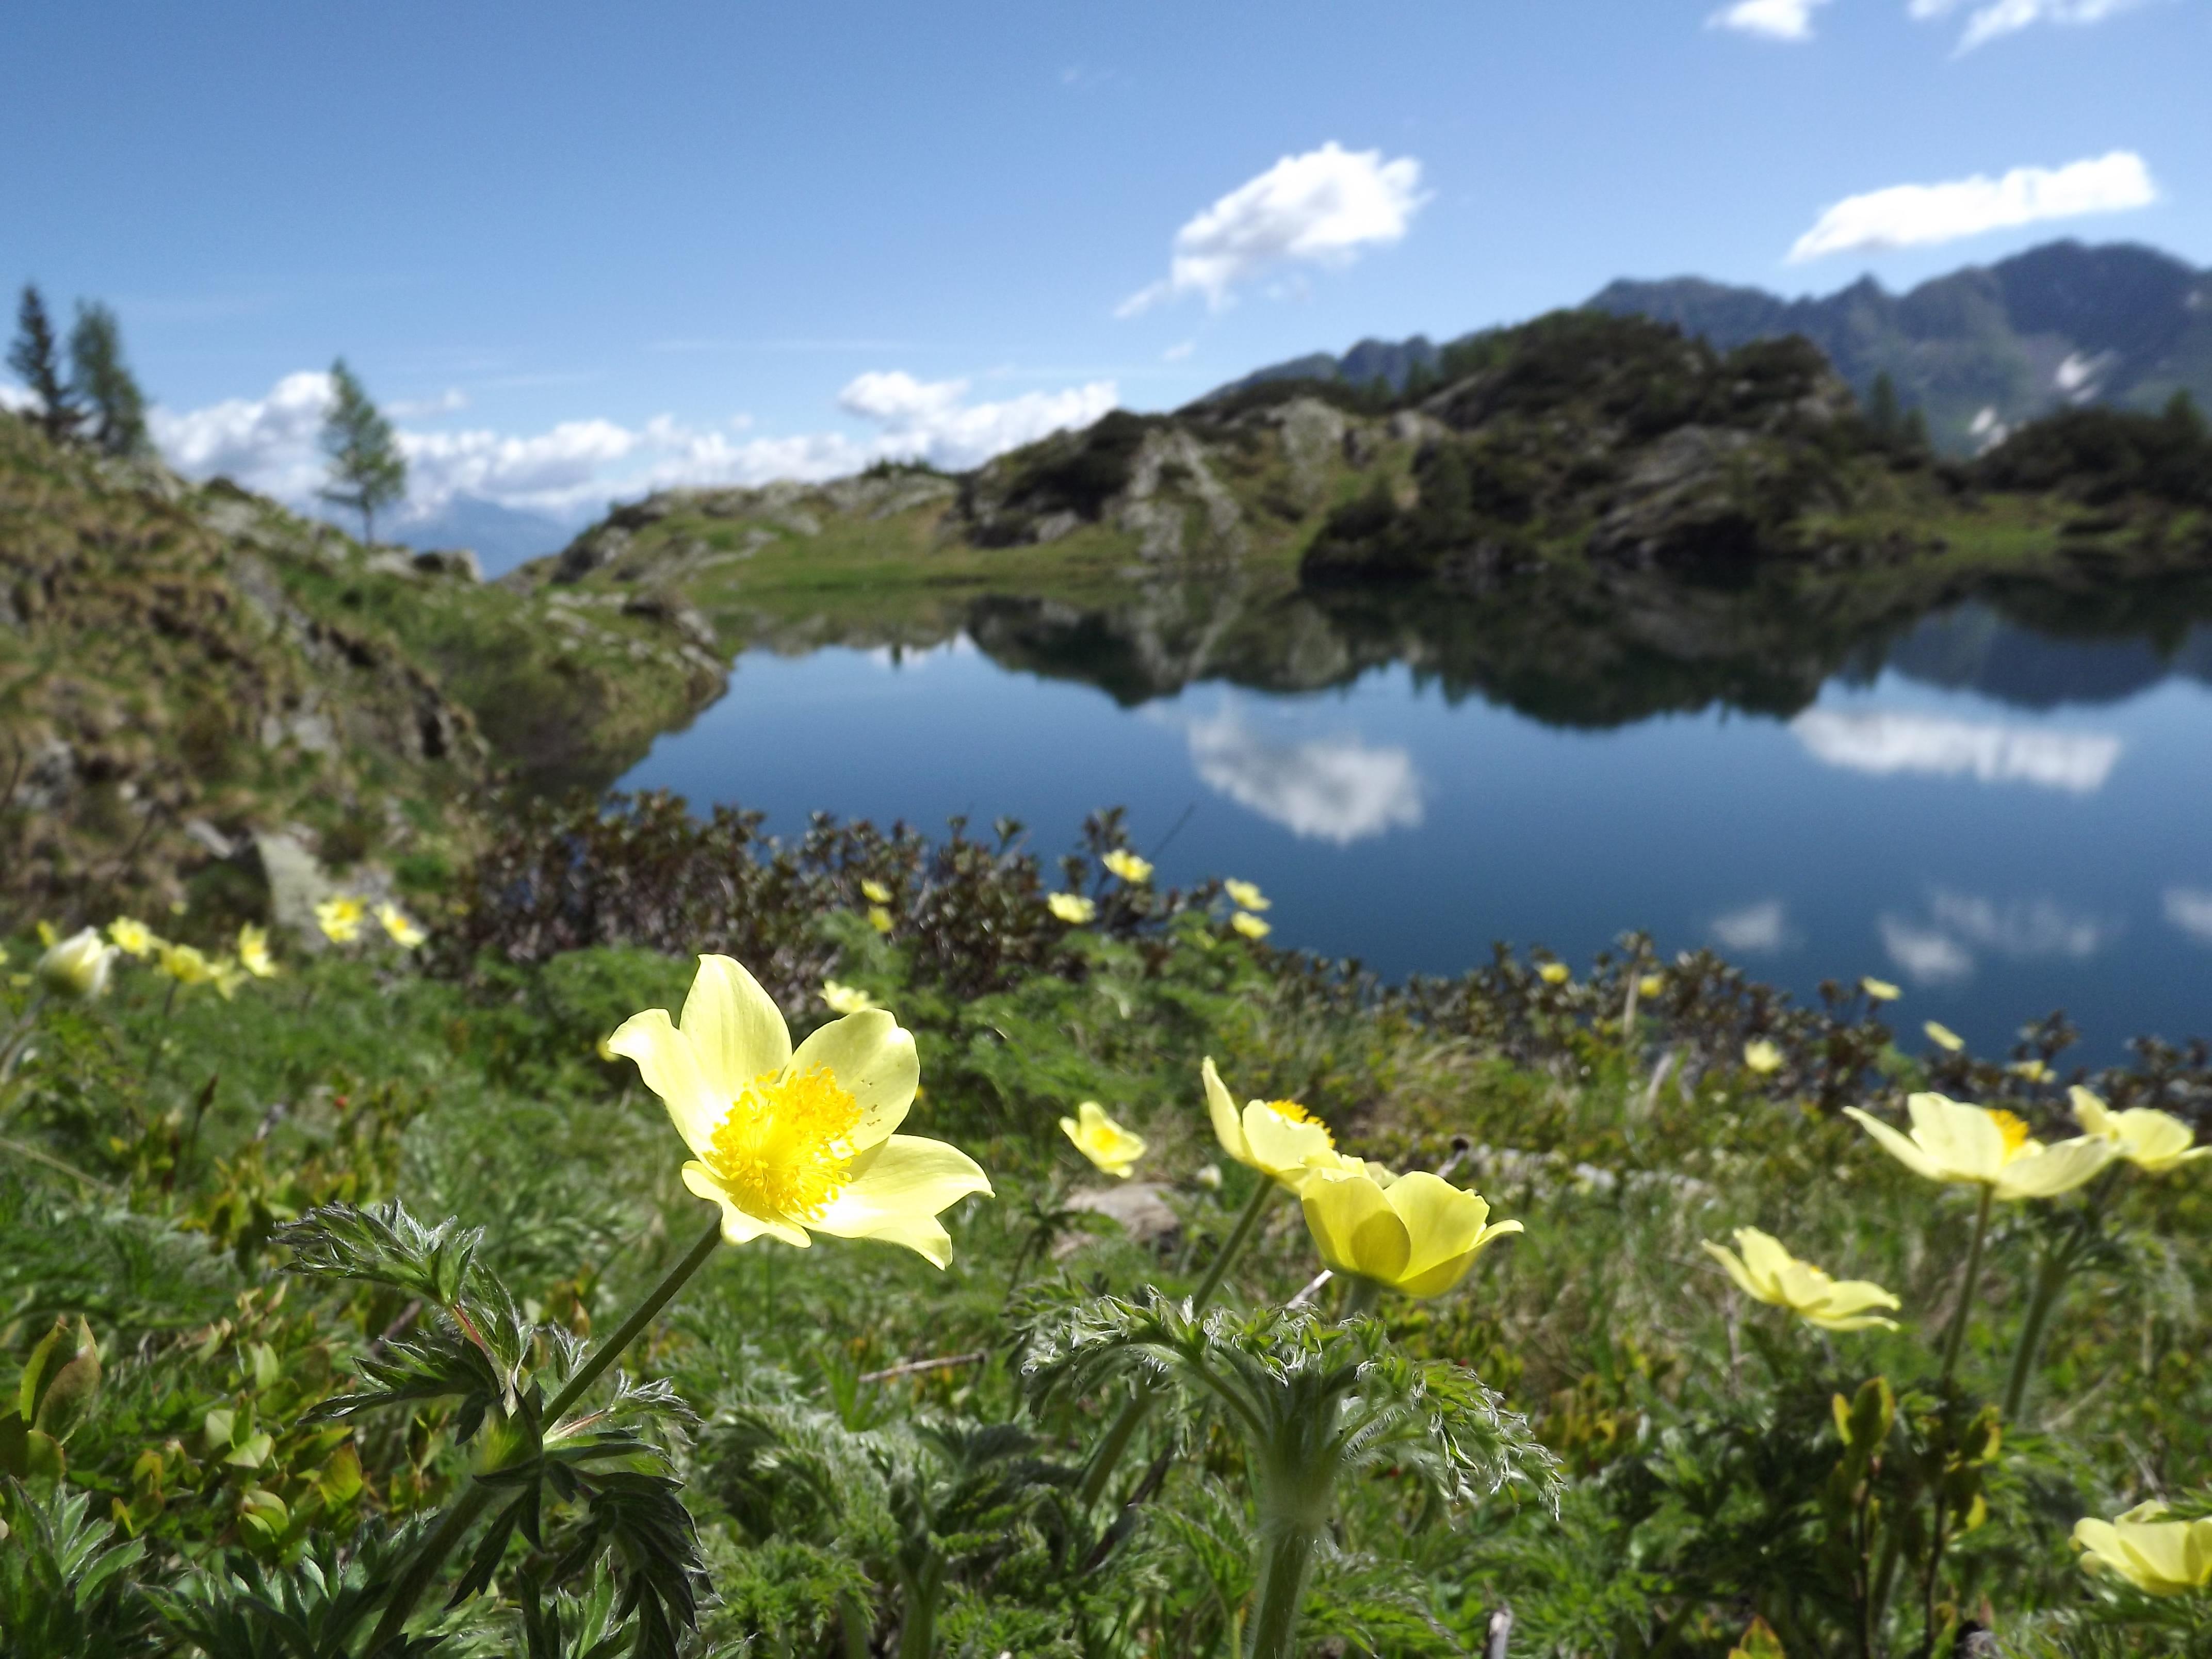 Foto Fiori Gialli.File Fiori Gialli E Lago Nero Jpg Wikimedia Commons